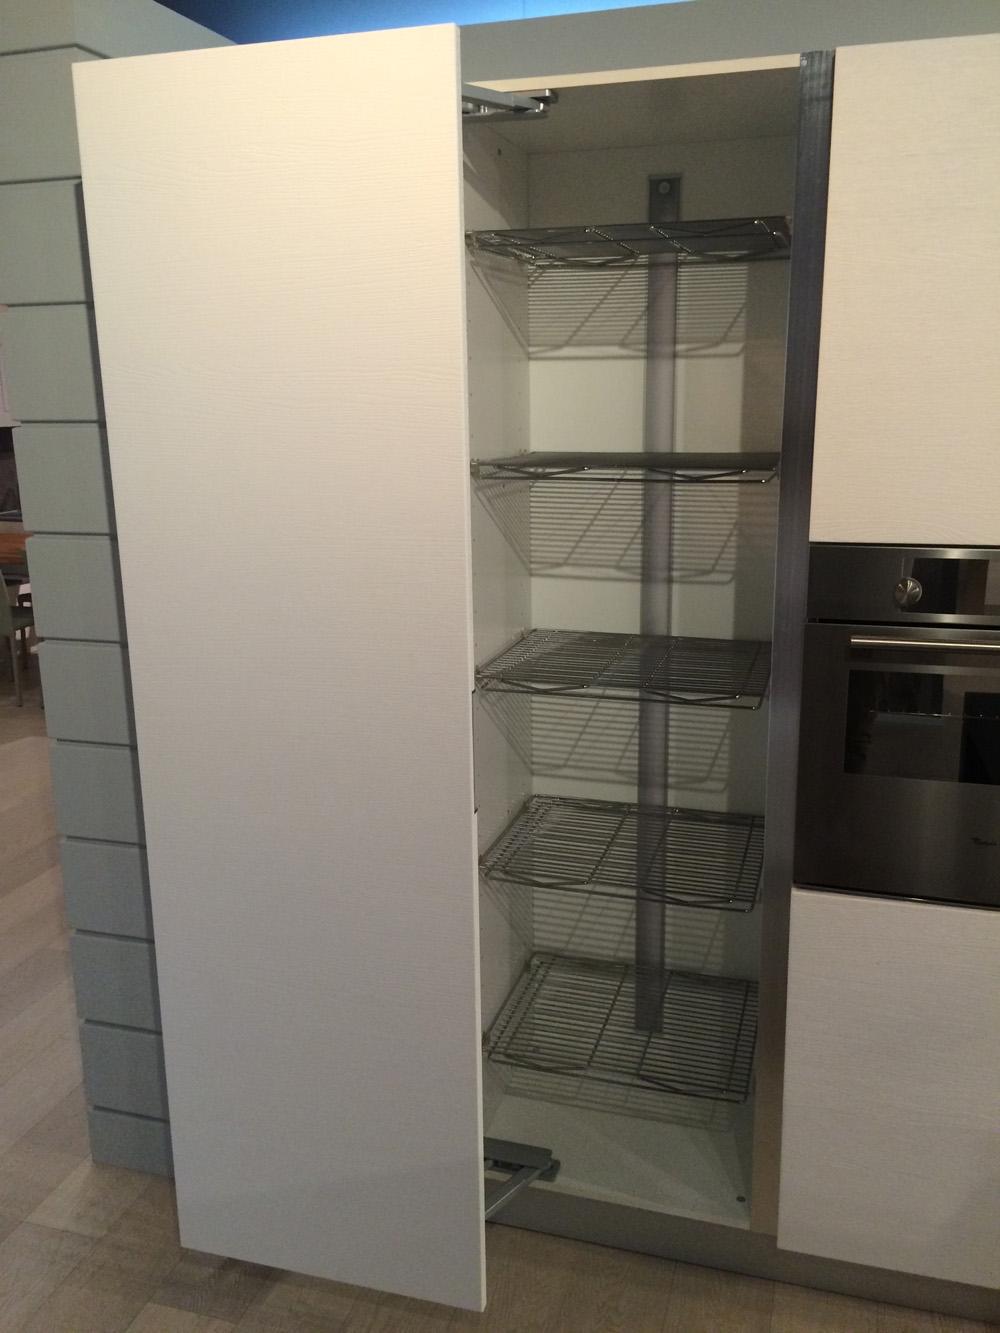 Zanotto cucina avena design legno bianca cucine a prezzi - Cucina bianca legno ...